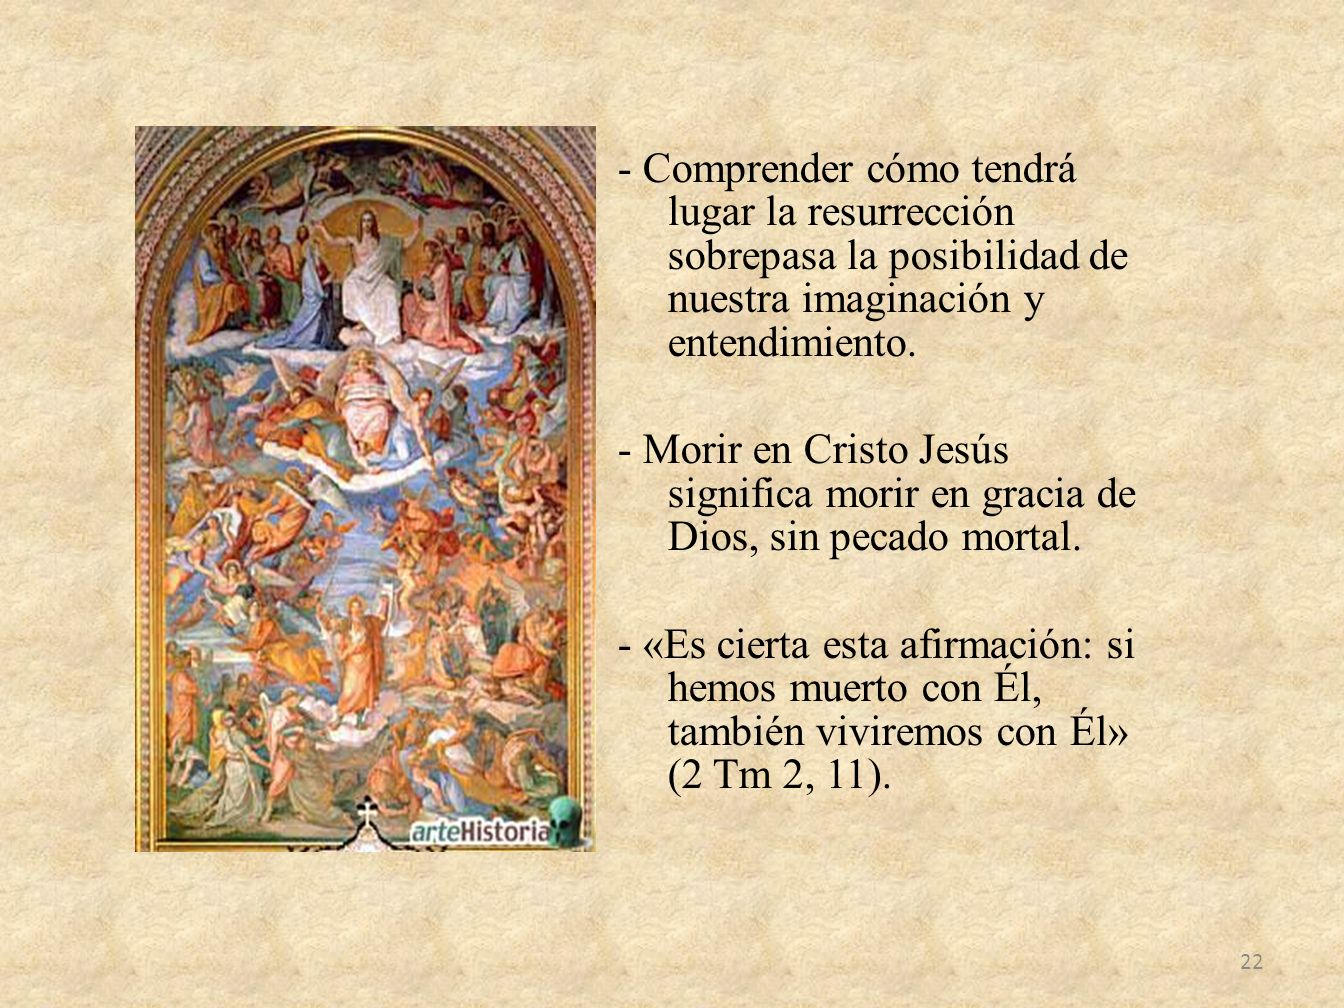 - Comprender cómo tendrá lugar la resurrección sobrepasa la posibilidad de nuestra imaginación y entendimiento.